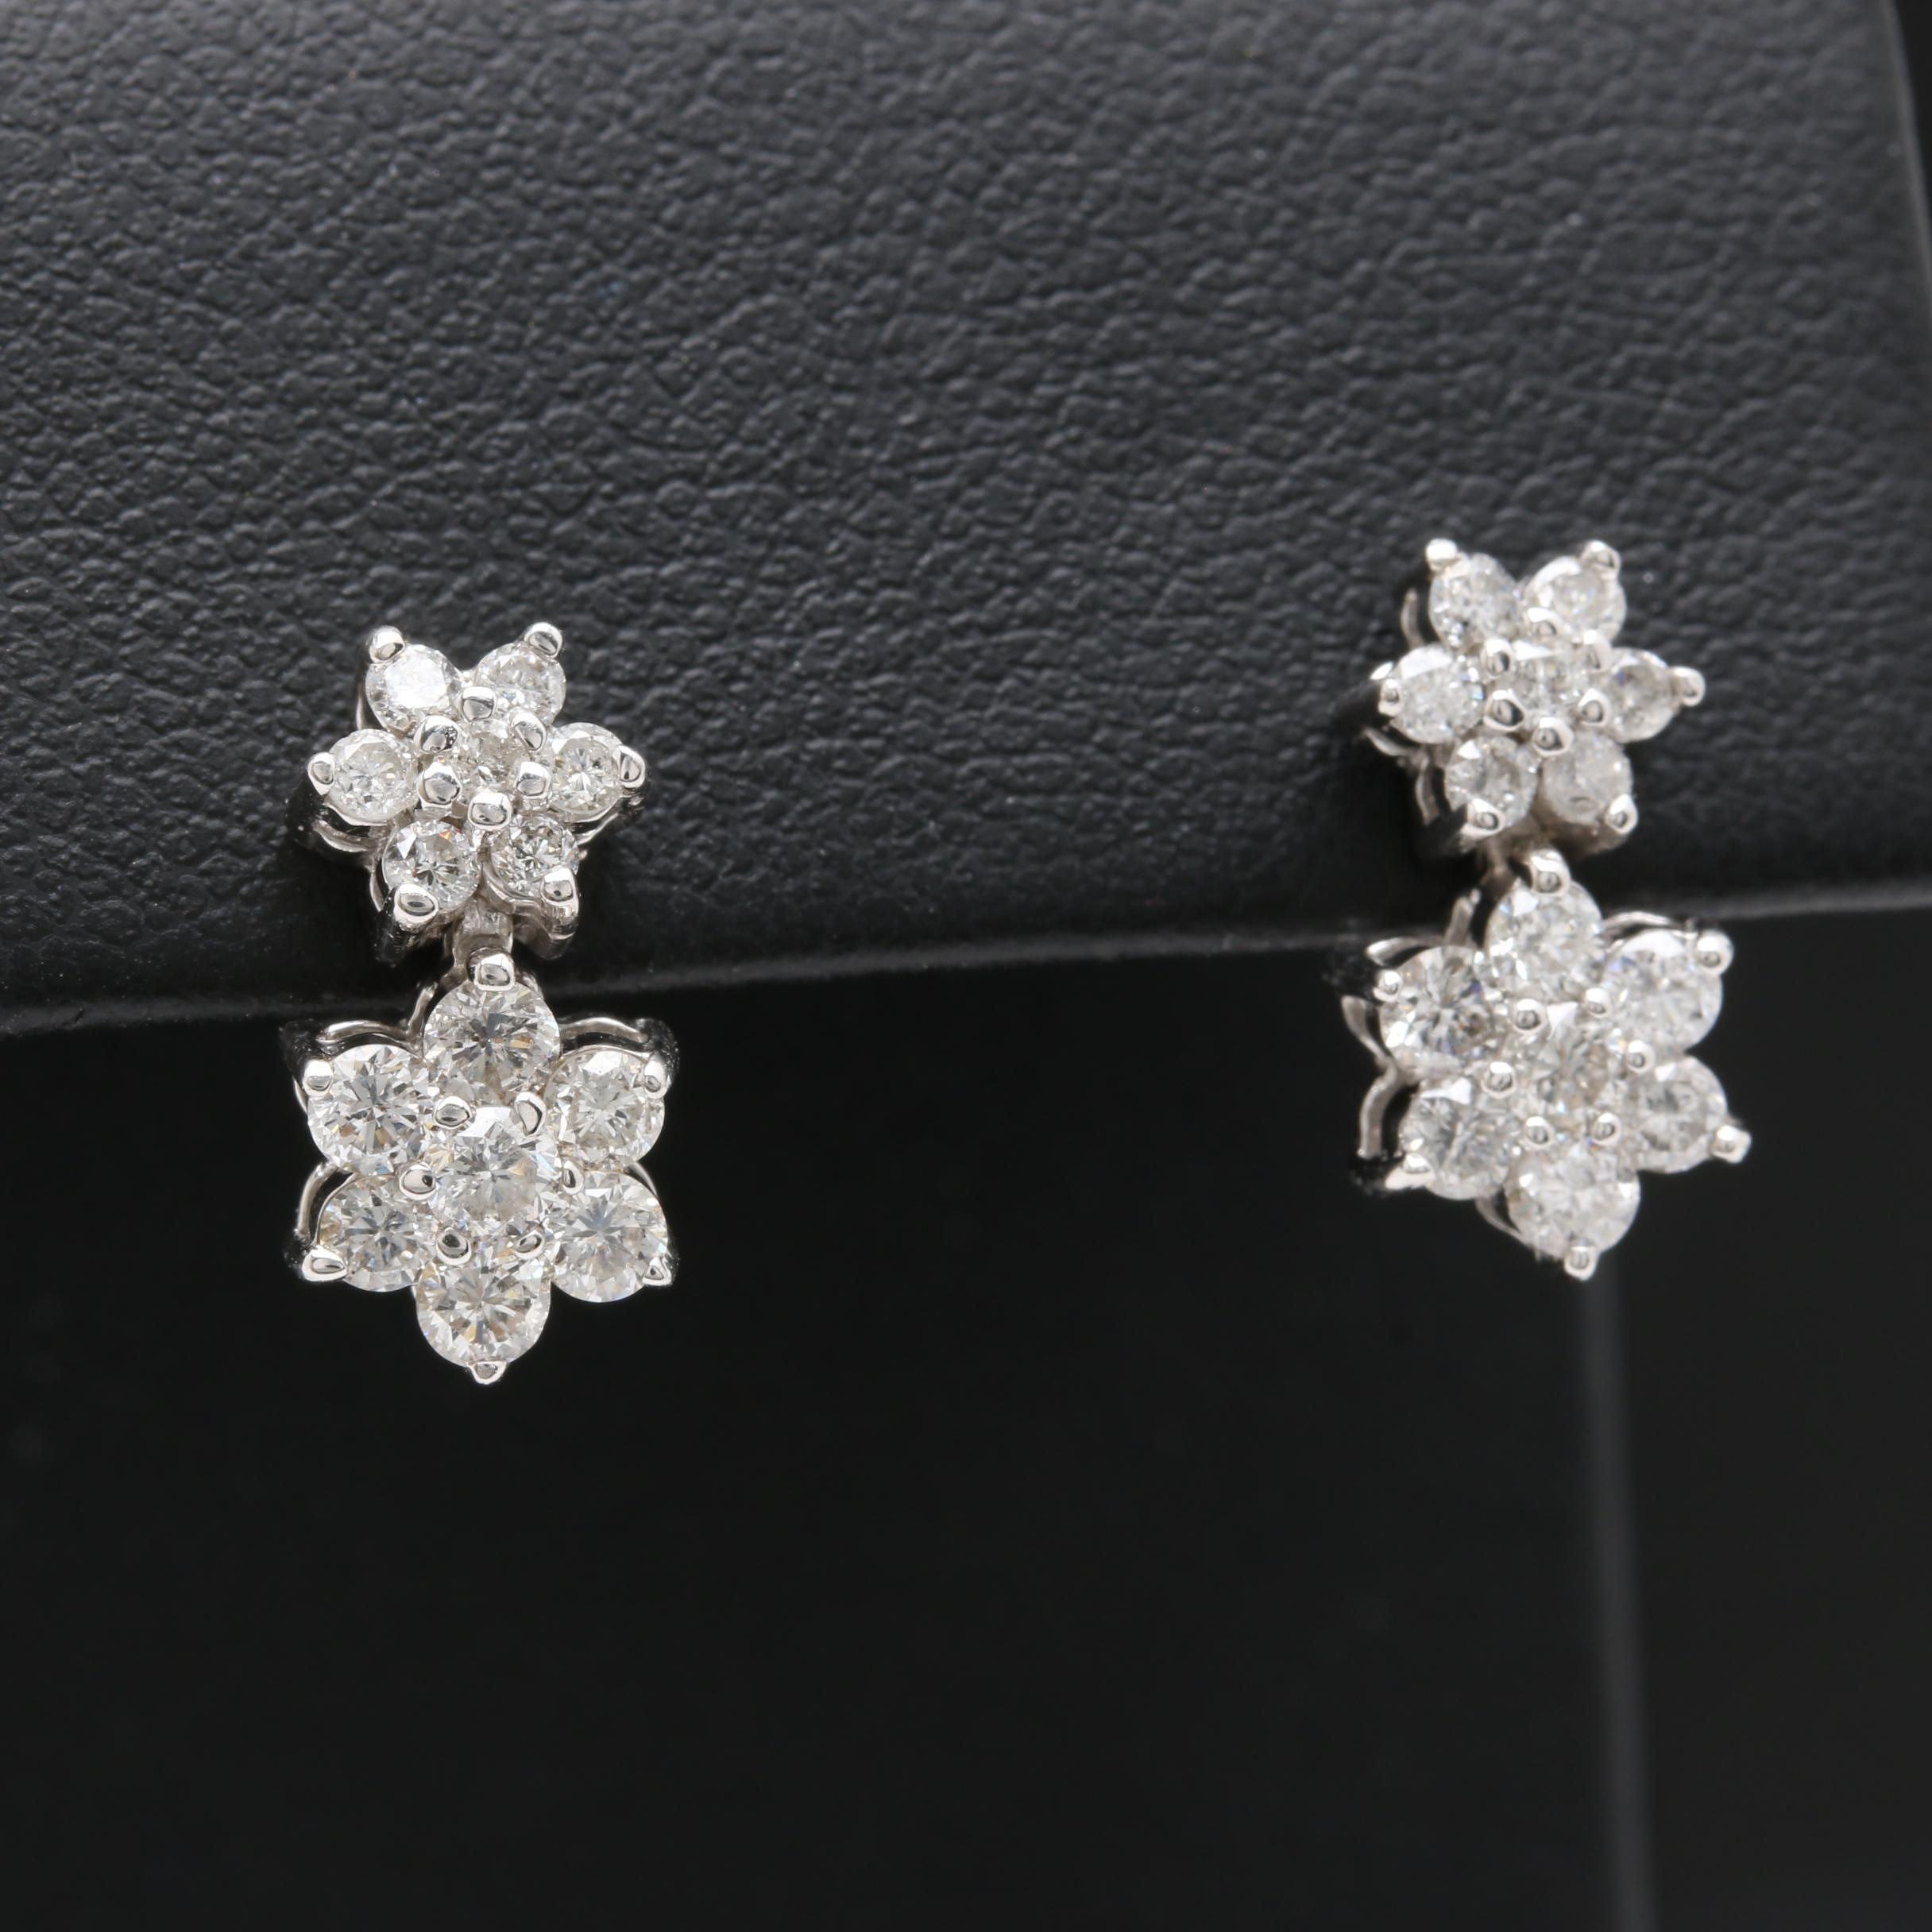 14K White Gold 0.95 CTW Diamond Earrings